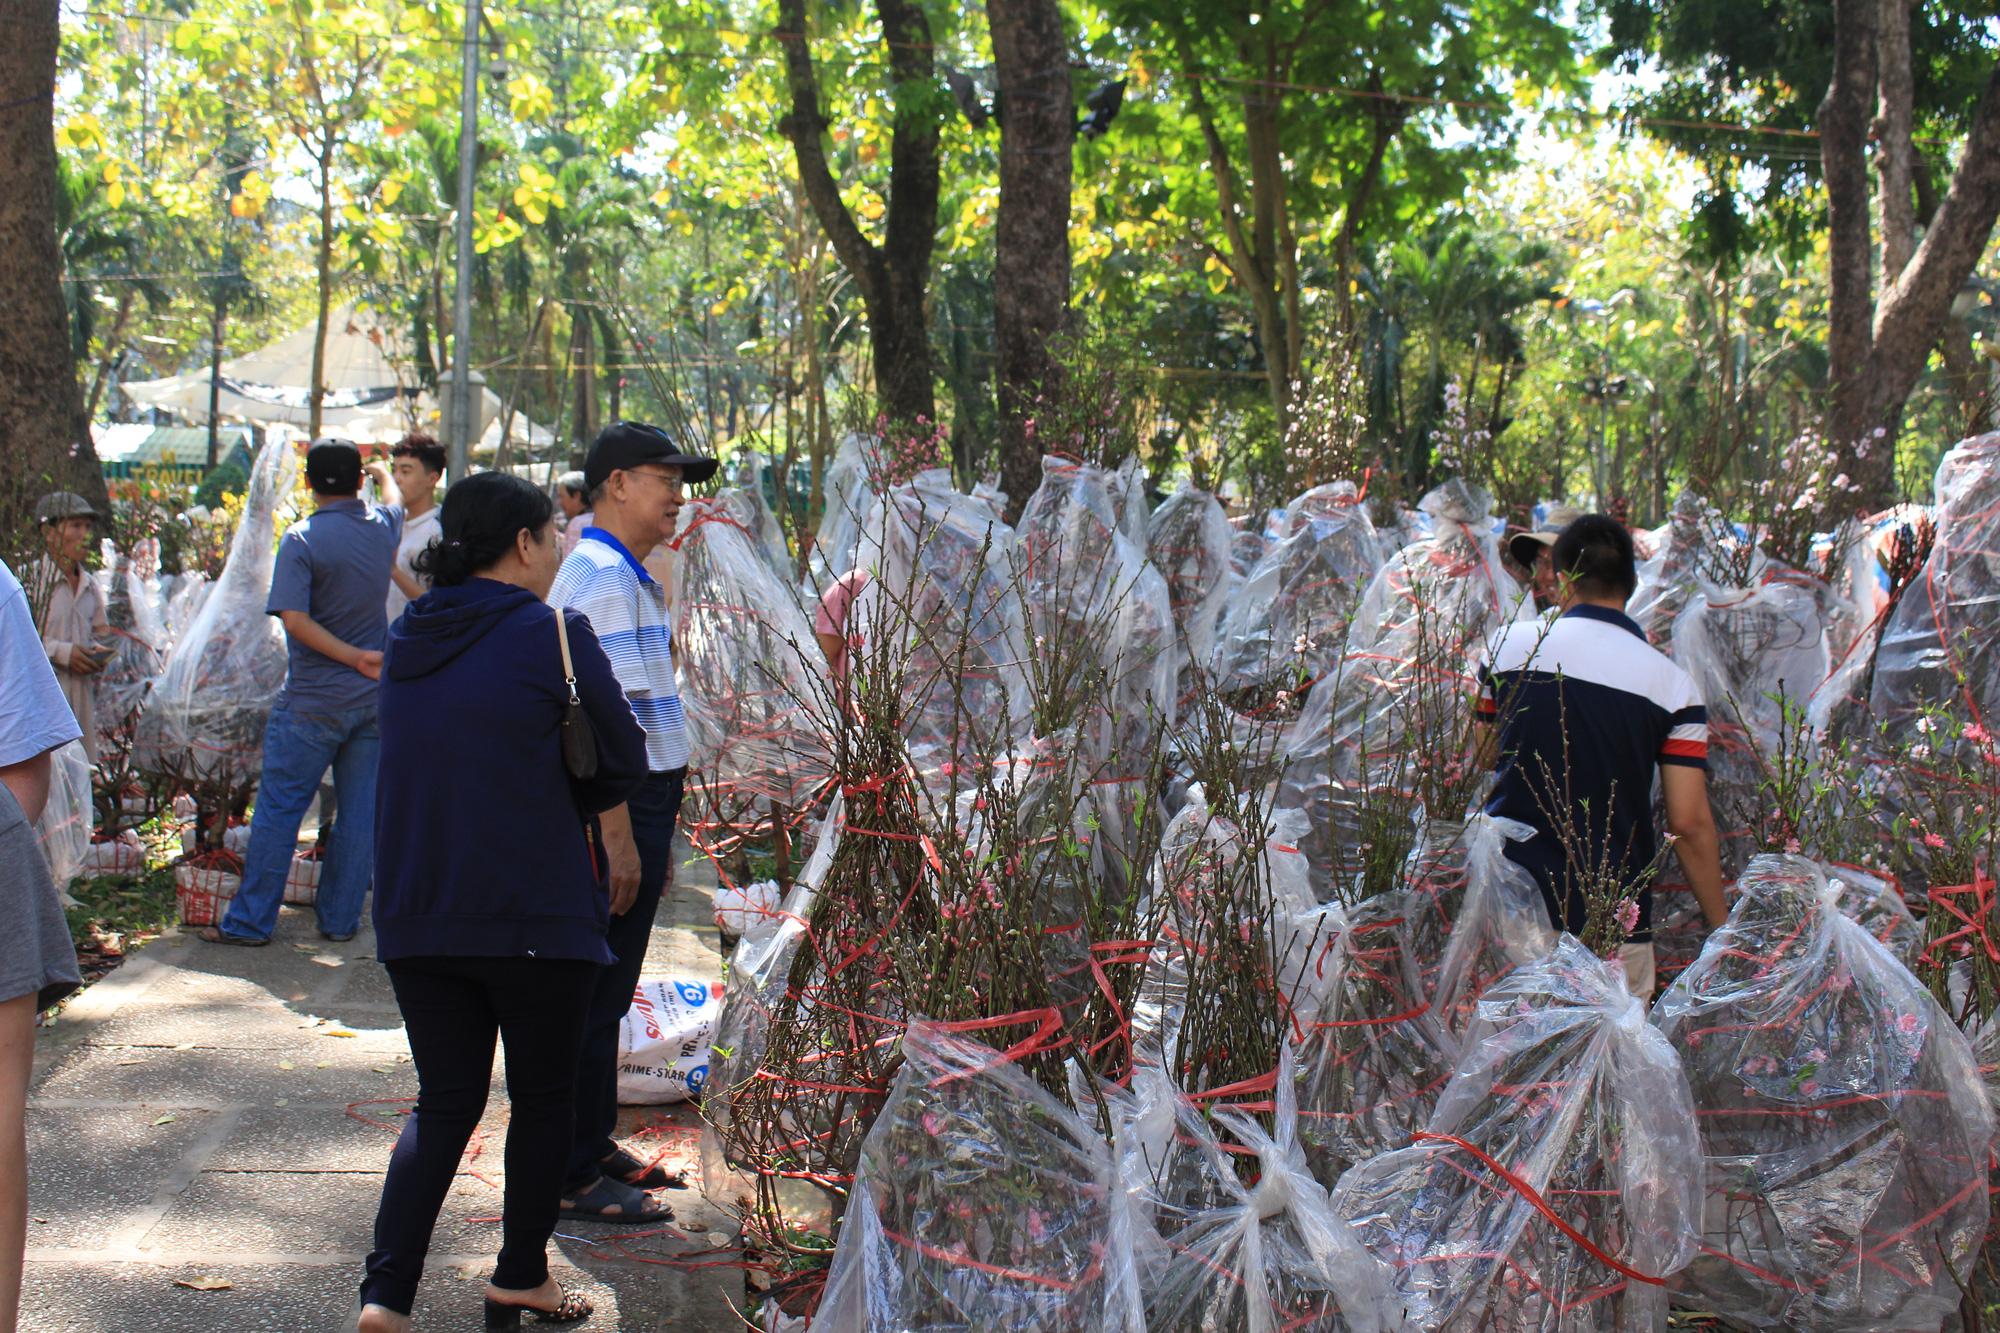 28 Tết, đào Nhật Tân tại chợ hoa Sài Gòn bắt đầu giảm giá, thuận mua vừa bán nên hút khách - Ảnh 1.